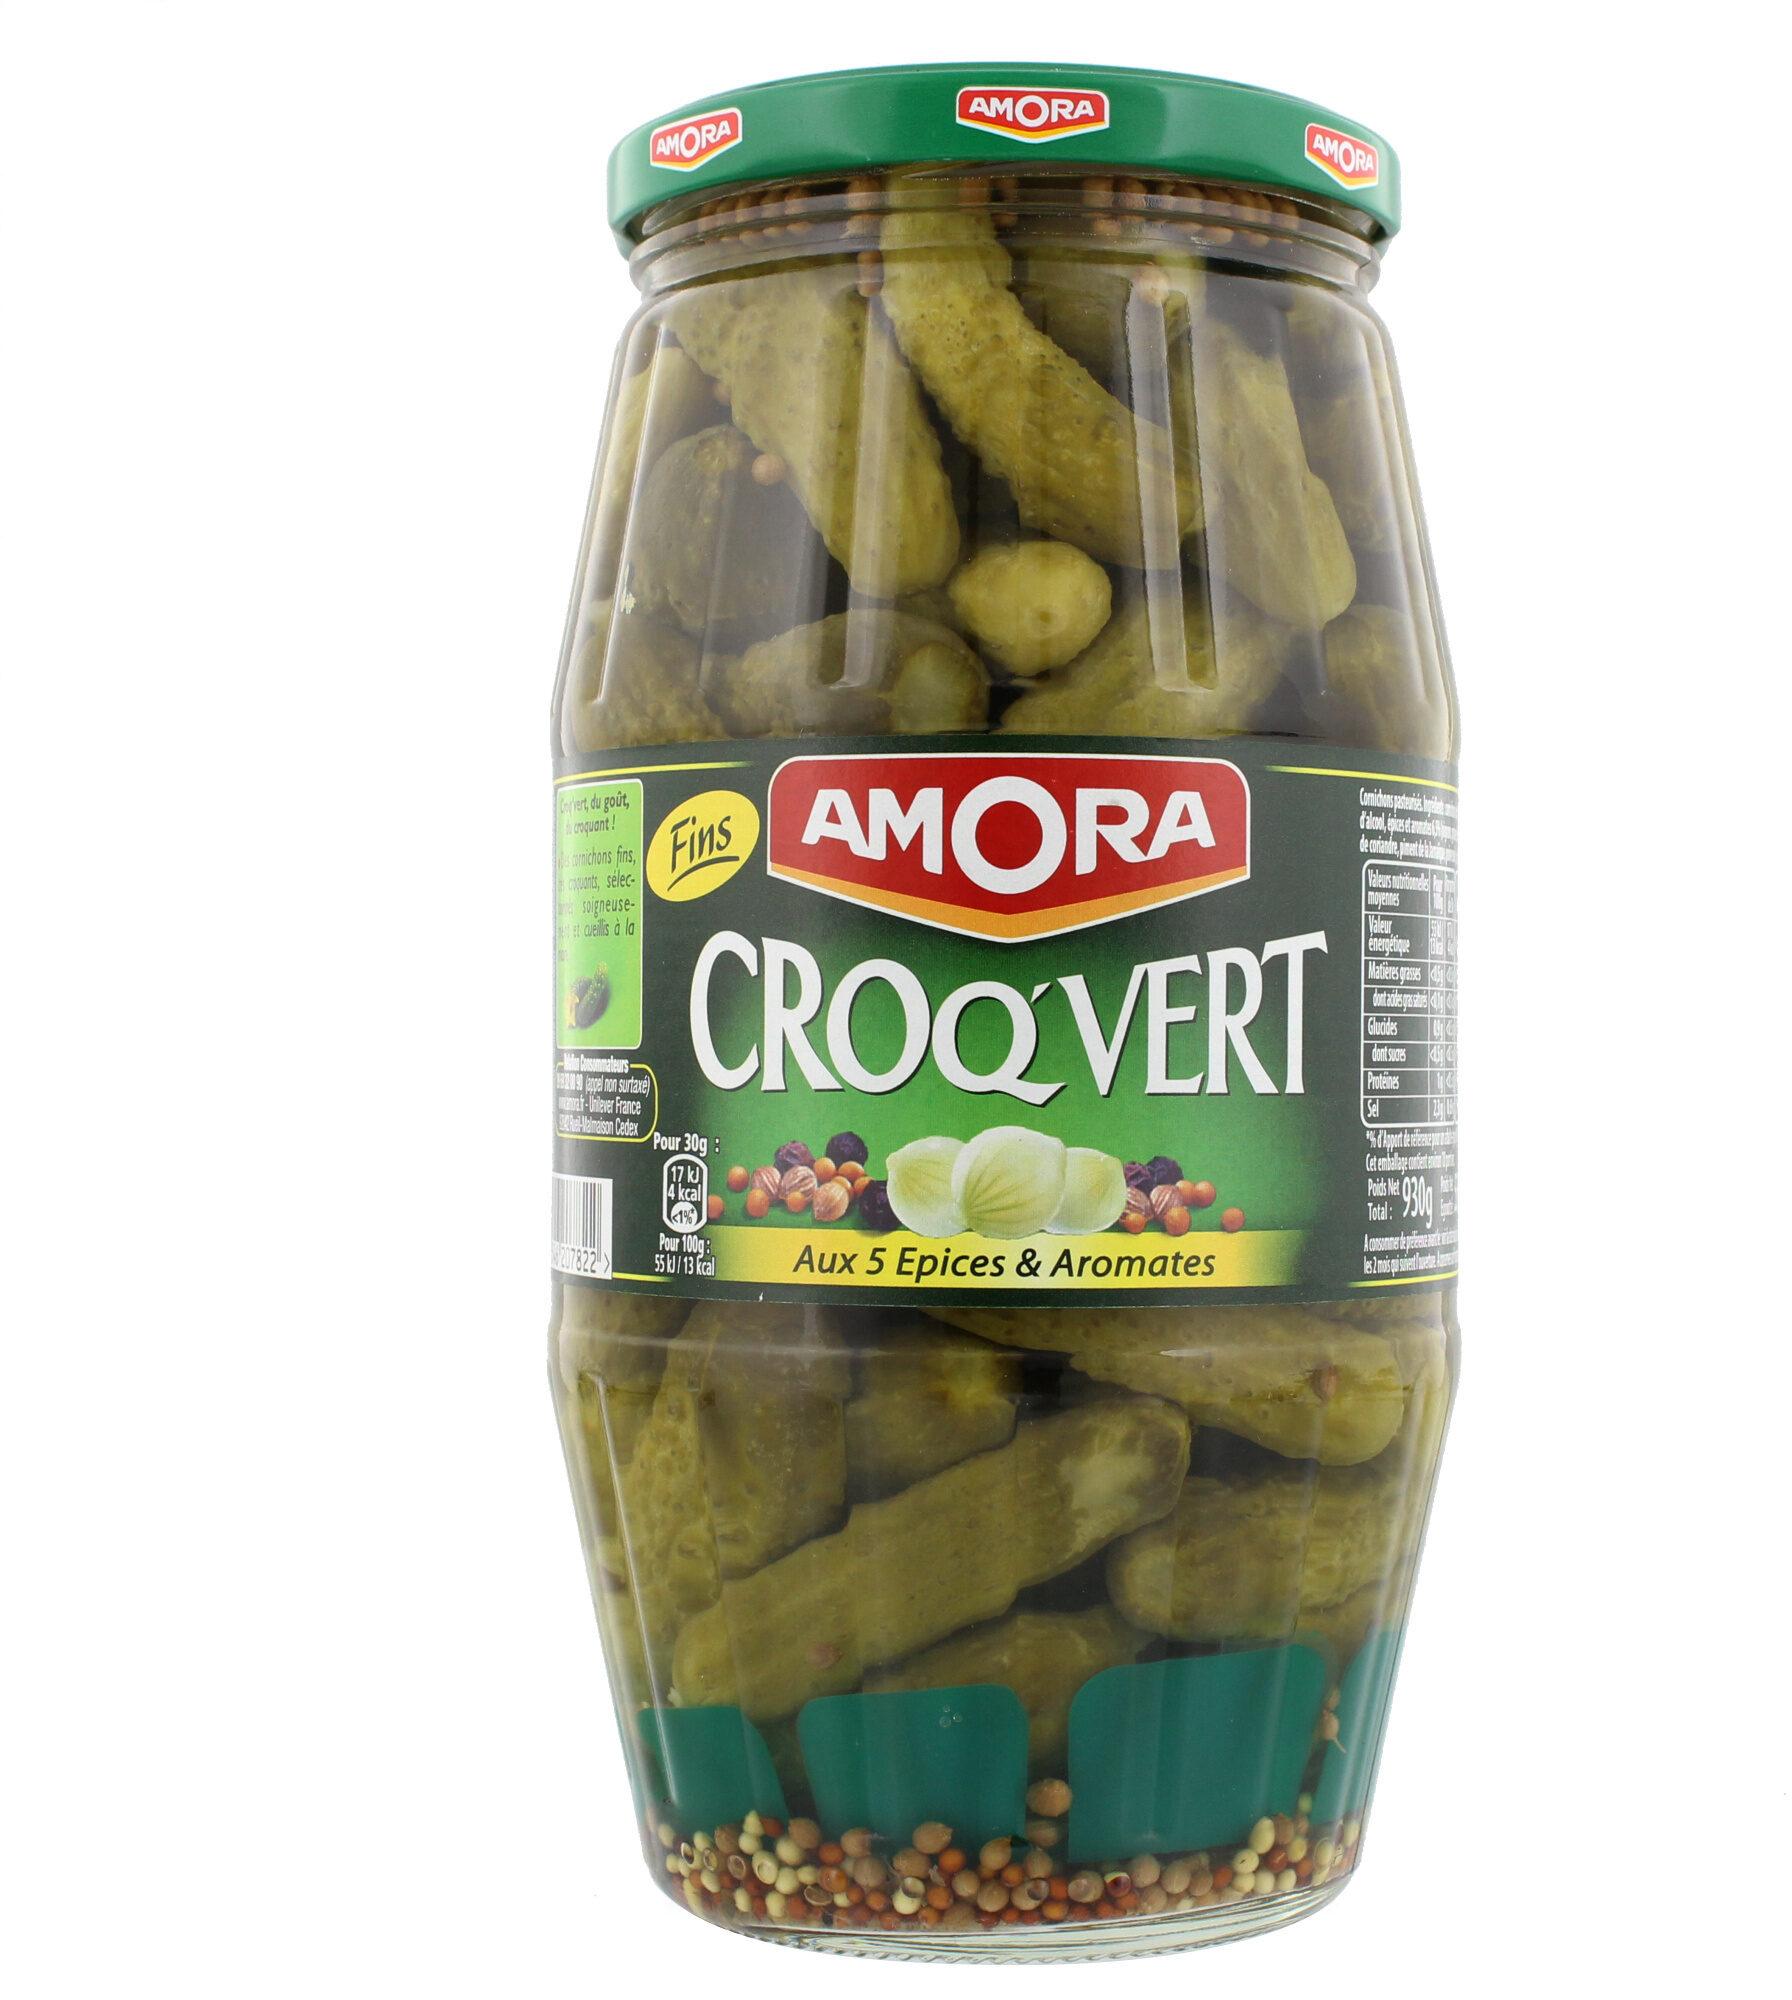 Amora Croq'Vert Cornichons Fins aux 5 Epices et Aromates 550g - Produit - fr